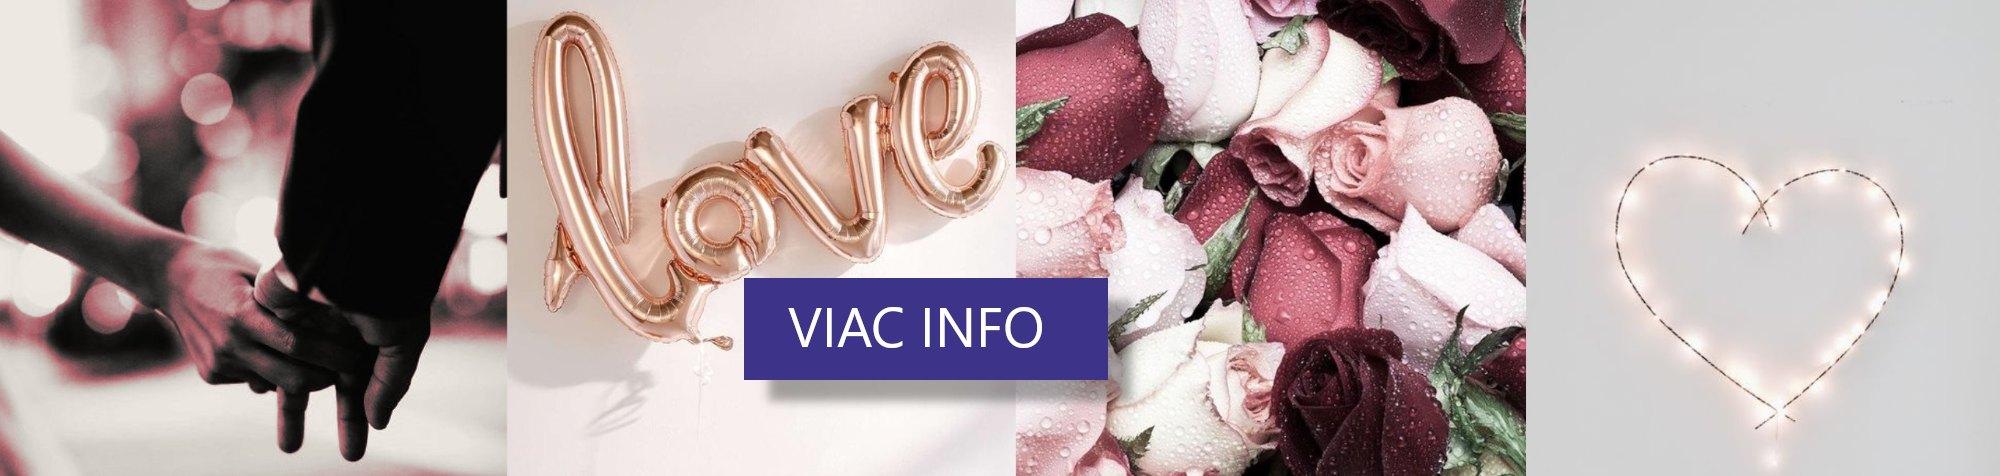 http://www.tevos.sk/wp-content/uploads/2019/02/valentin1.jpg